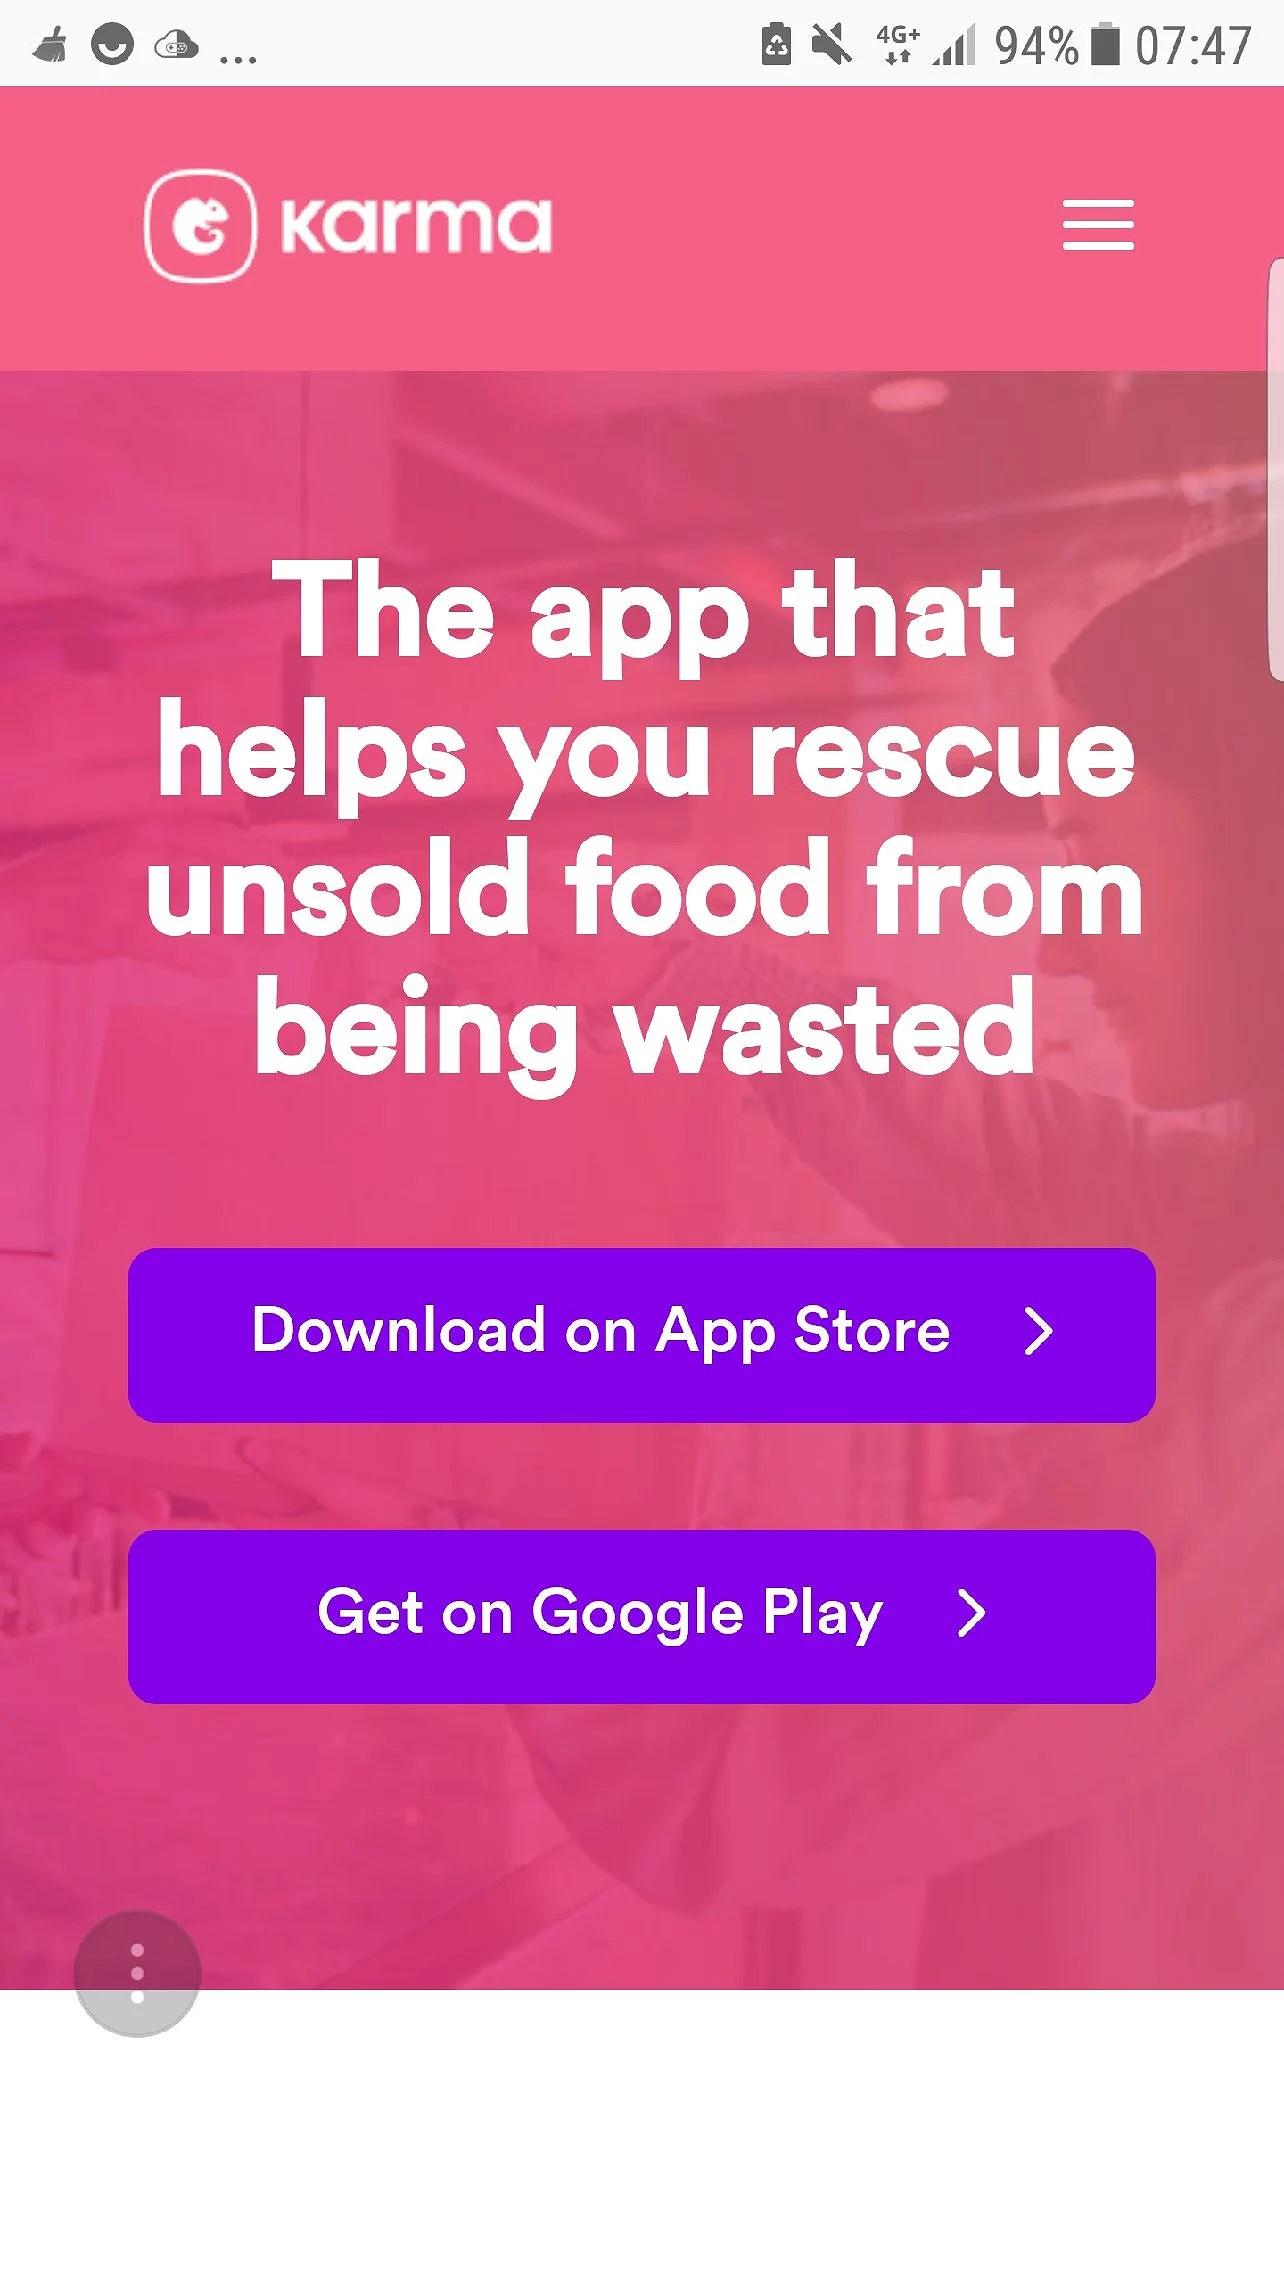 Använd appen Karma och få 25kr rabatt